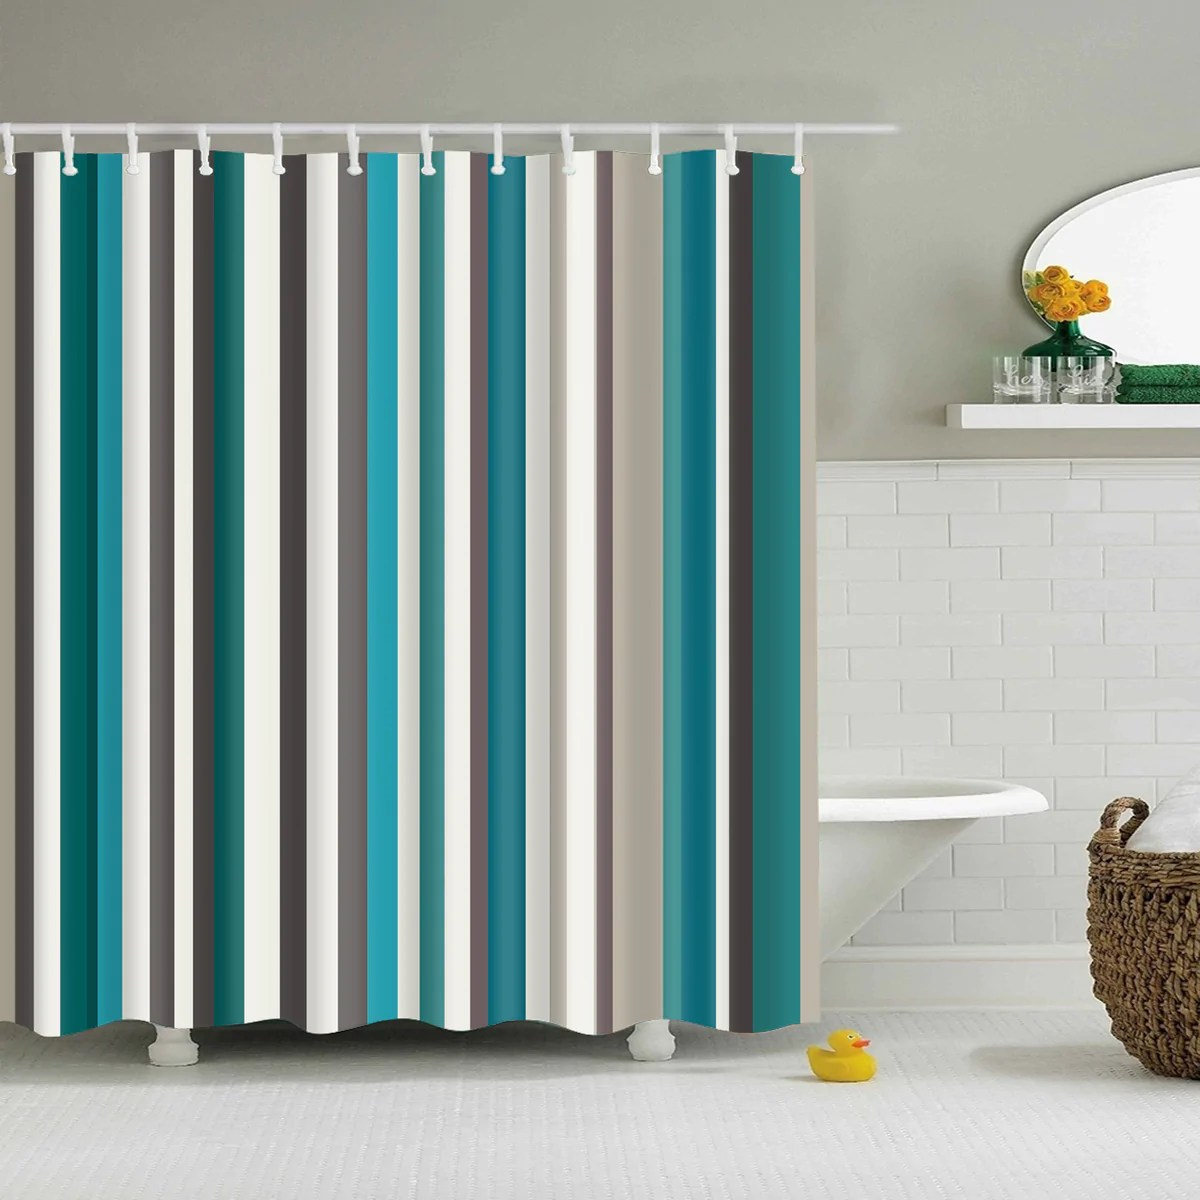 Retro Seamless Blue Stripes Shower Curtain Bathroom Decor